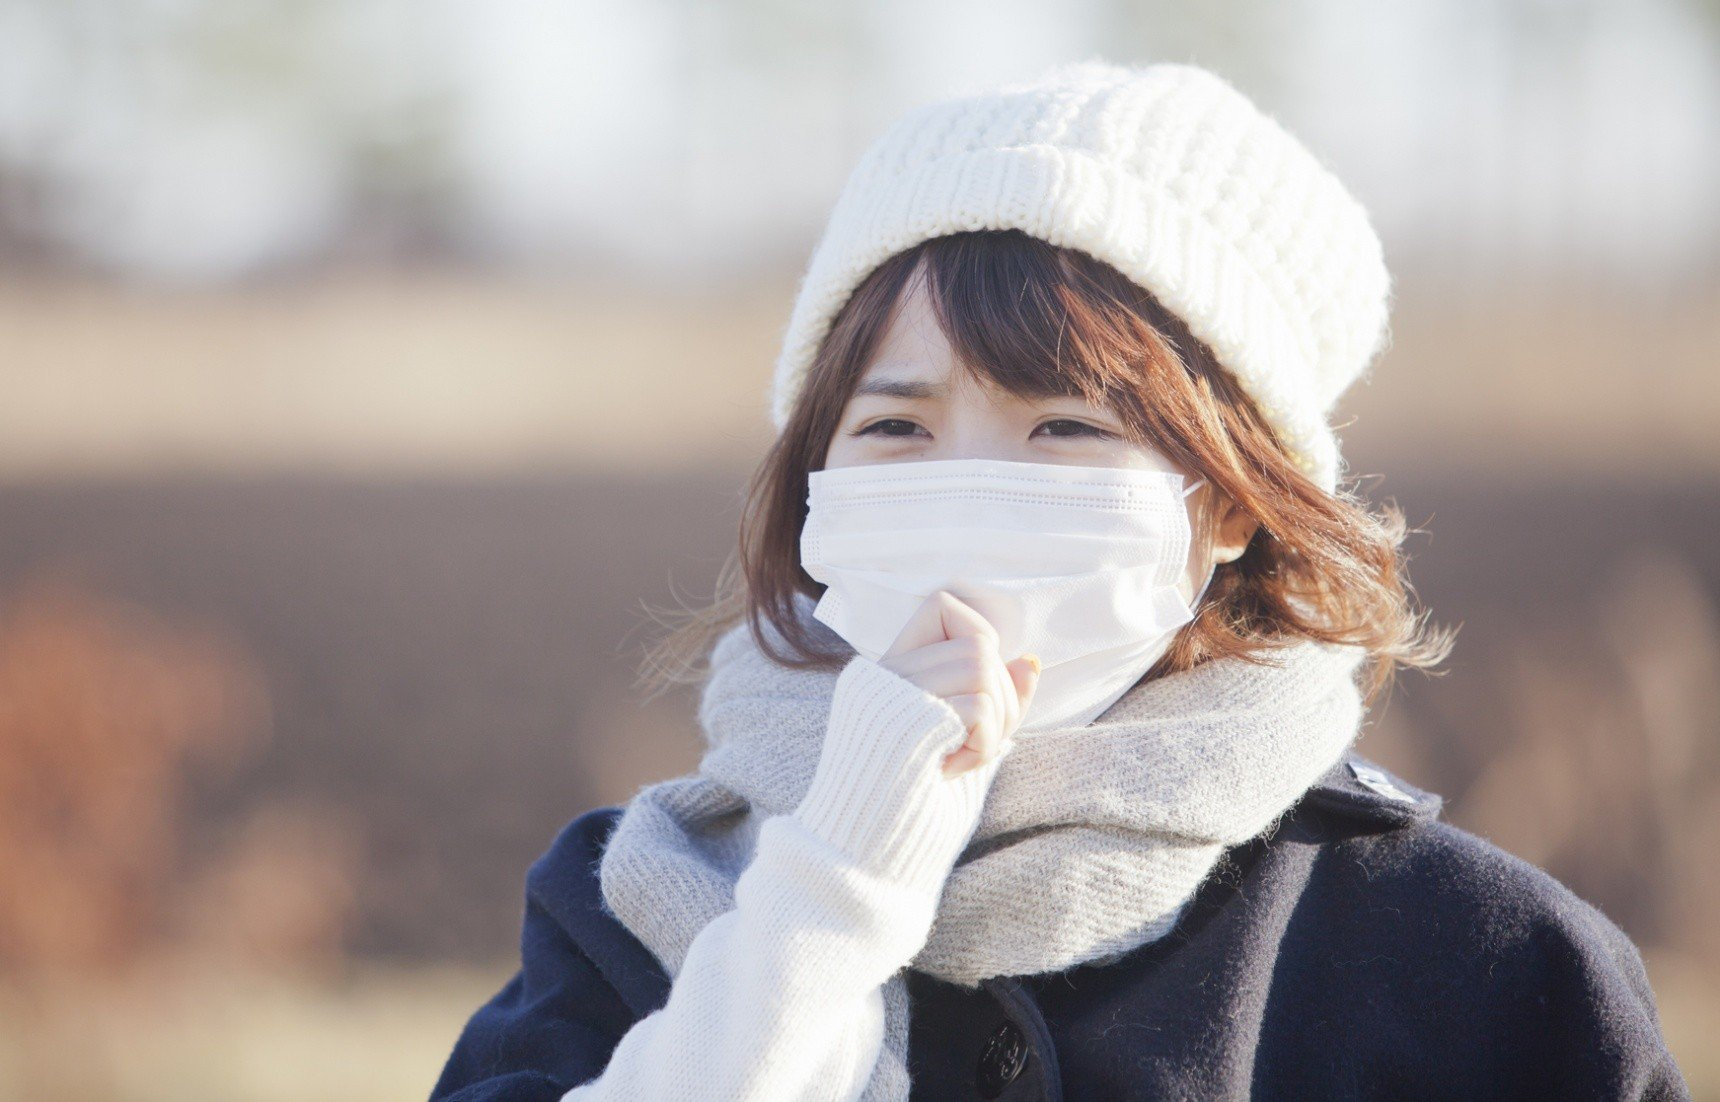 img 5a505644e5ddc.png?resize=1200,630 - 日本特有?花粉症は海外ではない?